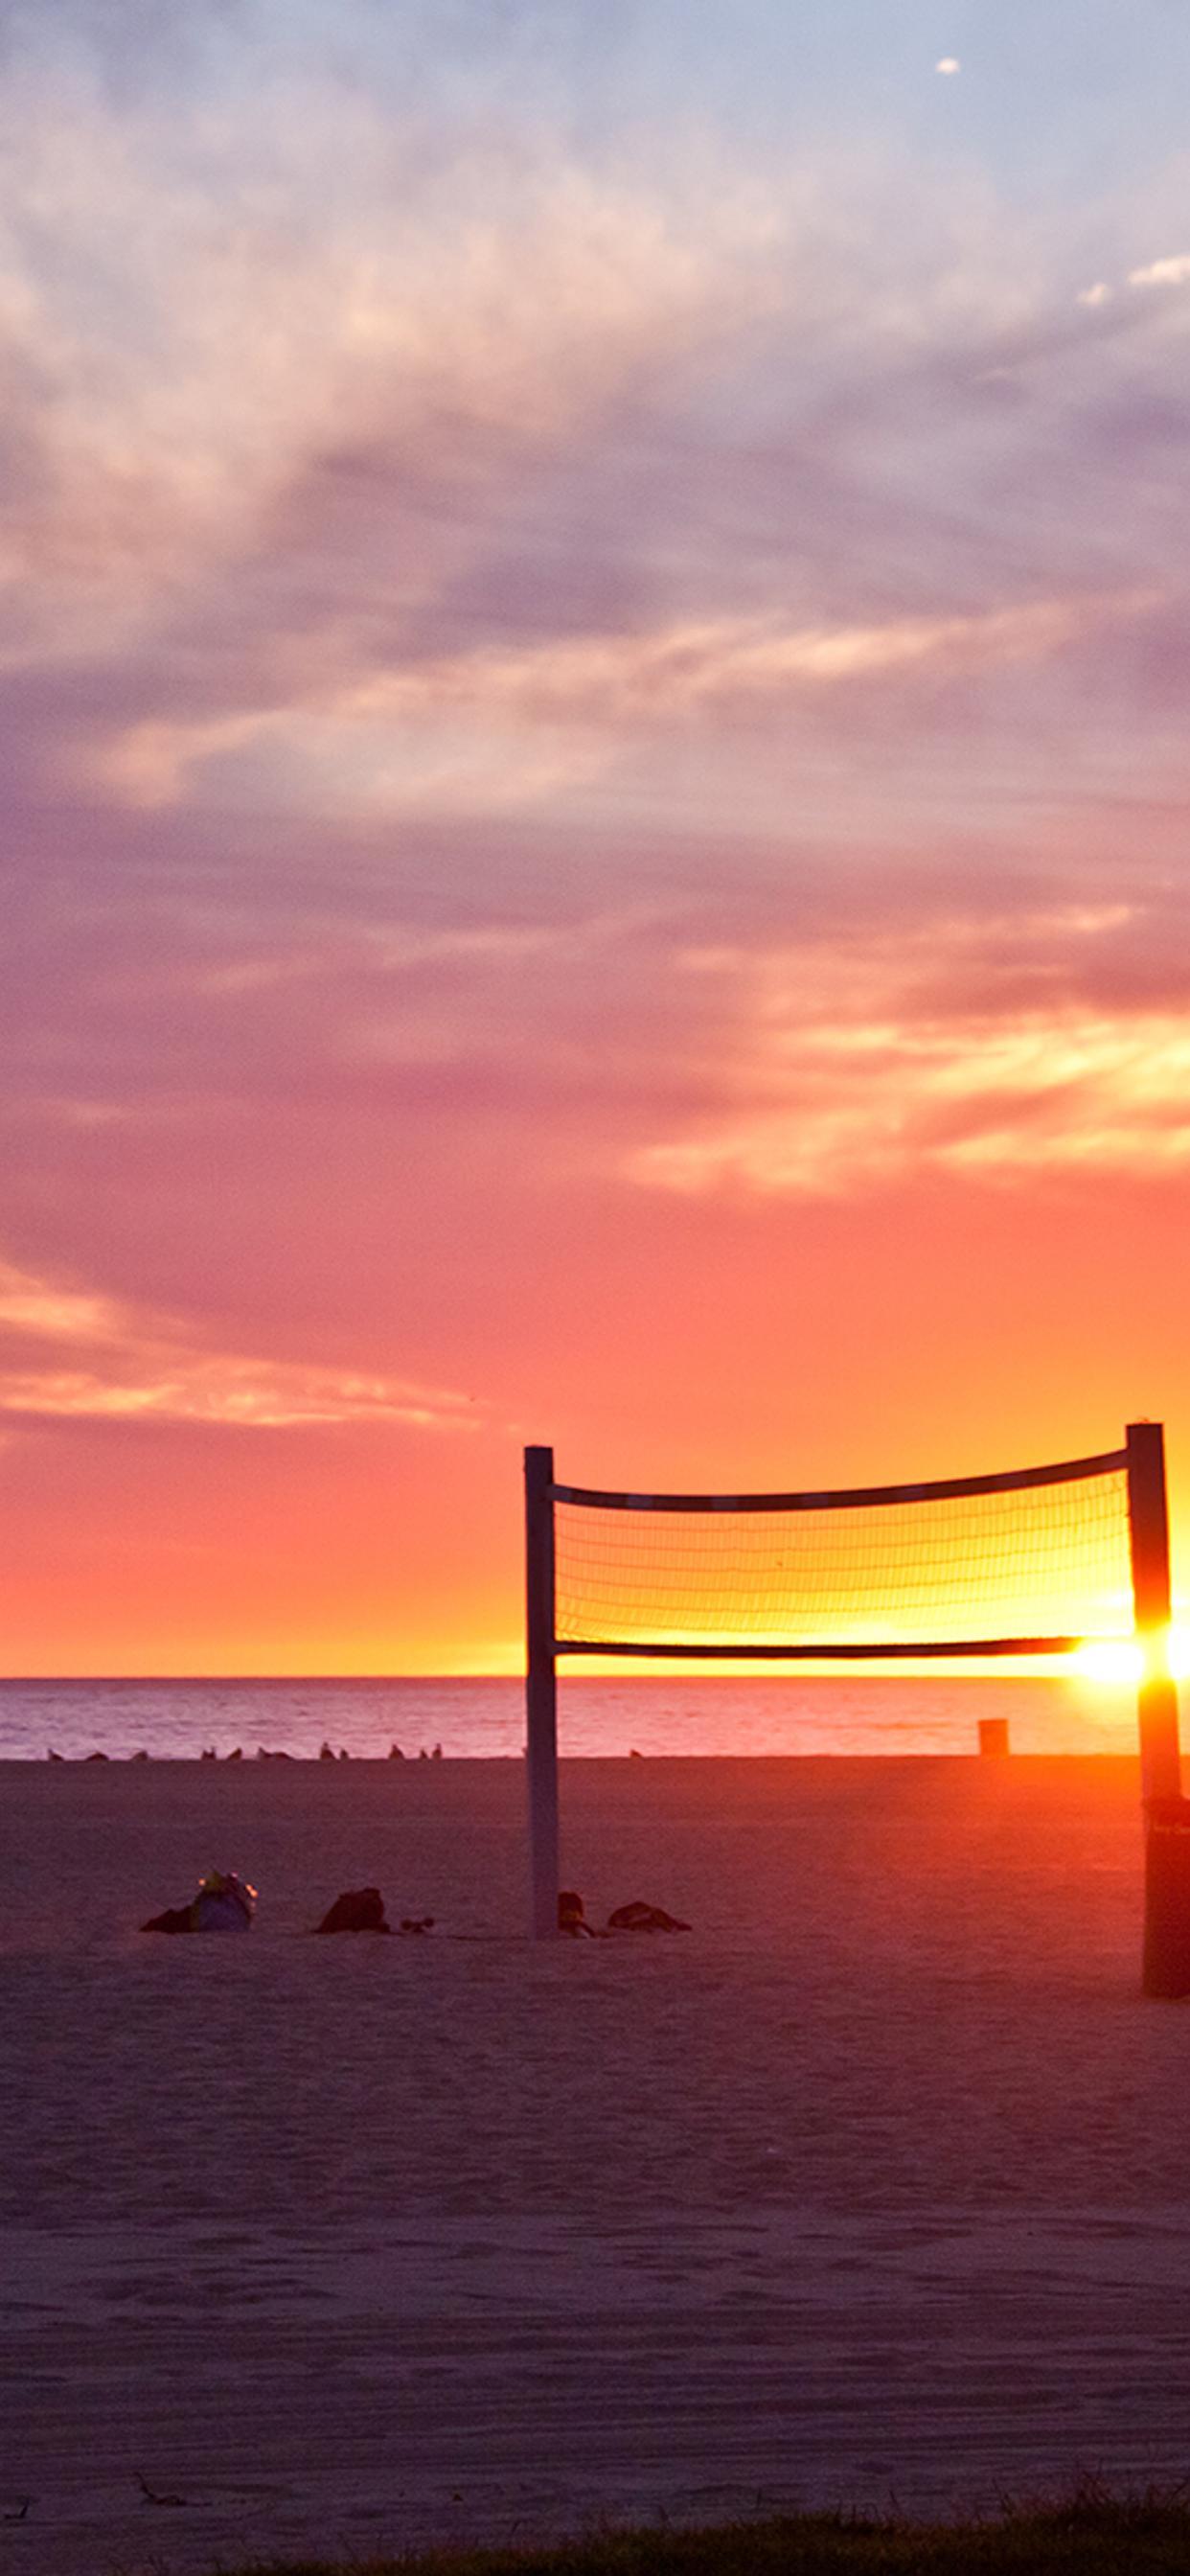 Volleyball On Beach Sunset